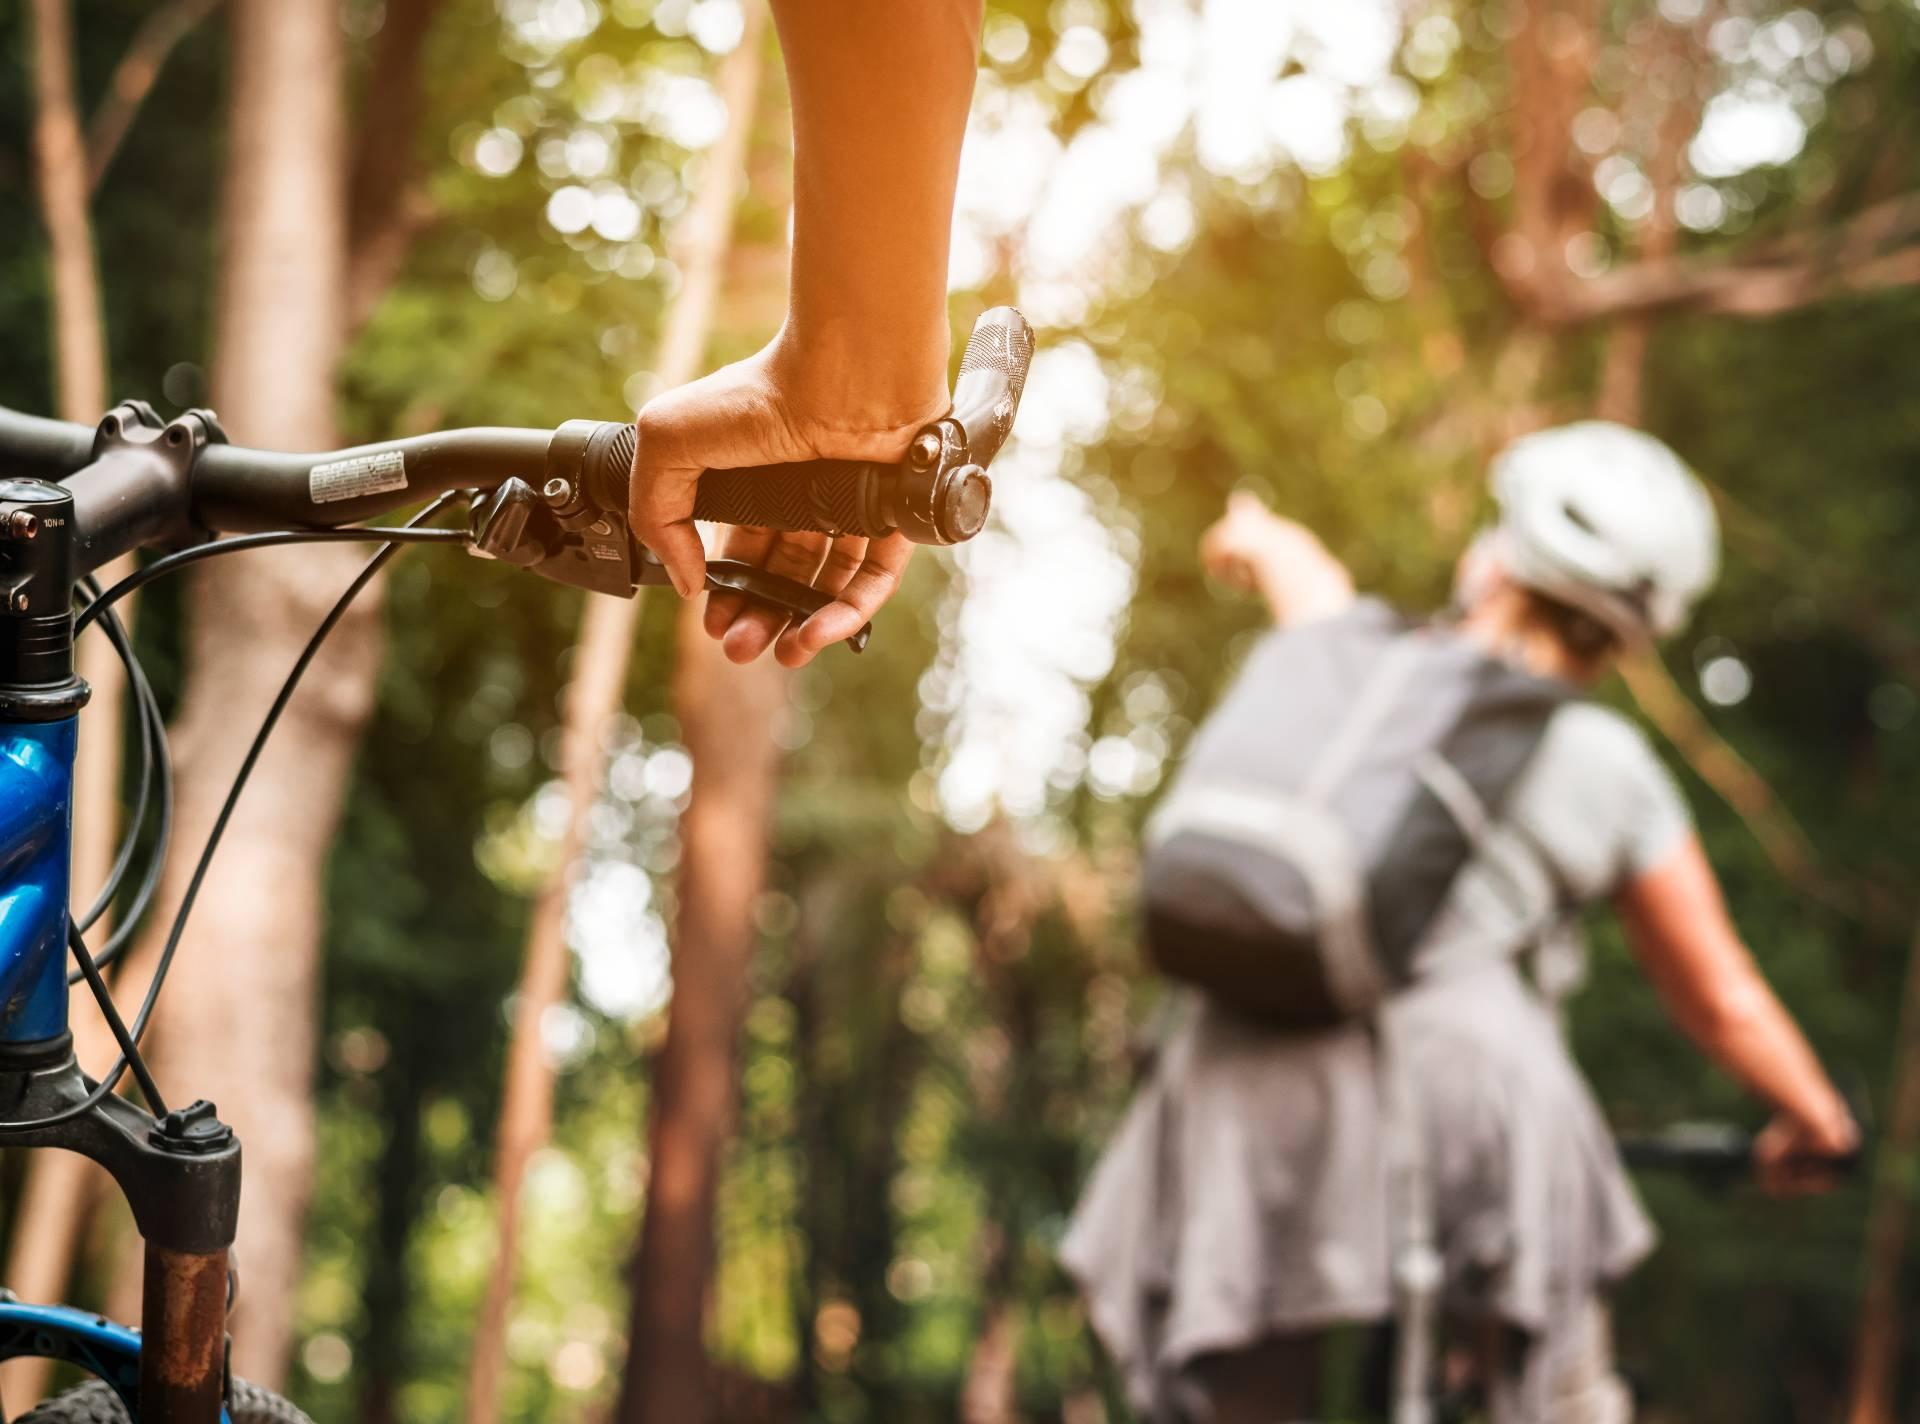 ¿Prefieres el viaje organizado o a tu aire? - Viajes en bicicleta